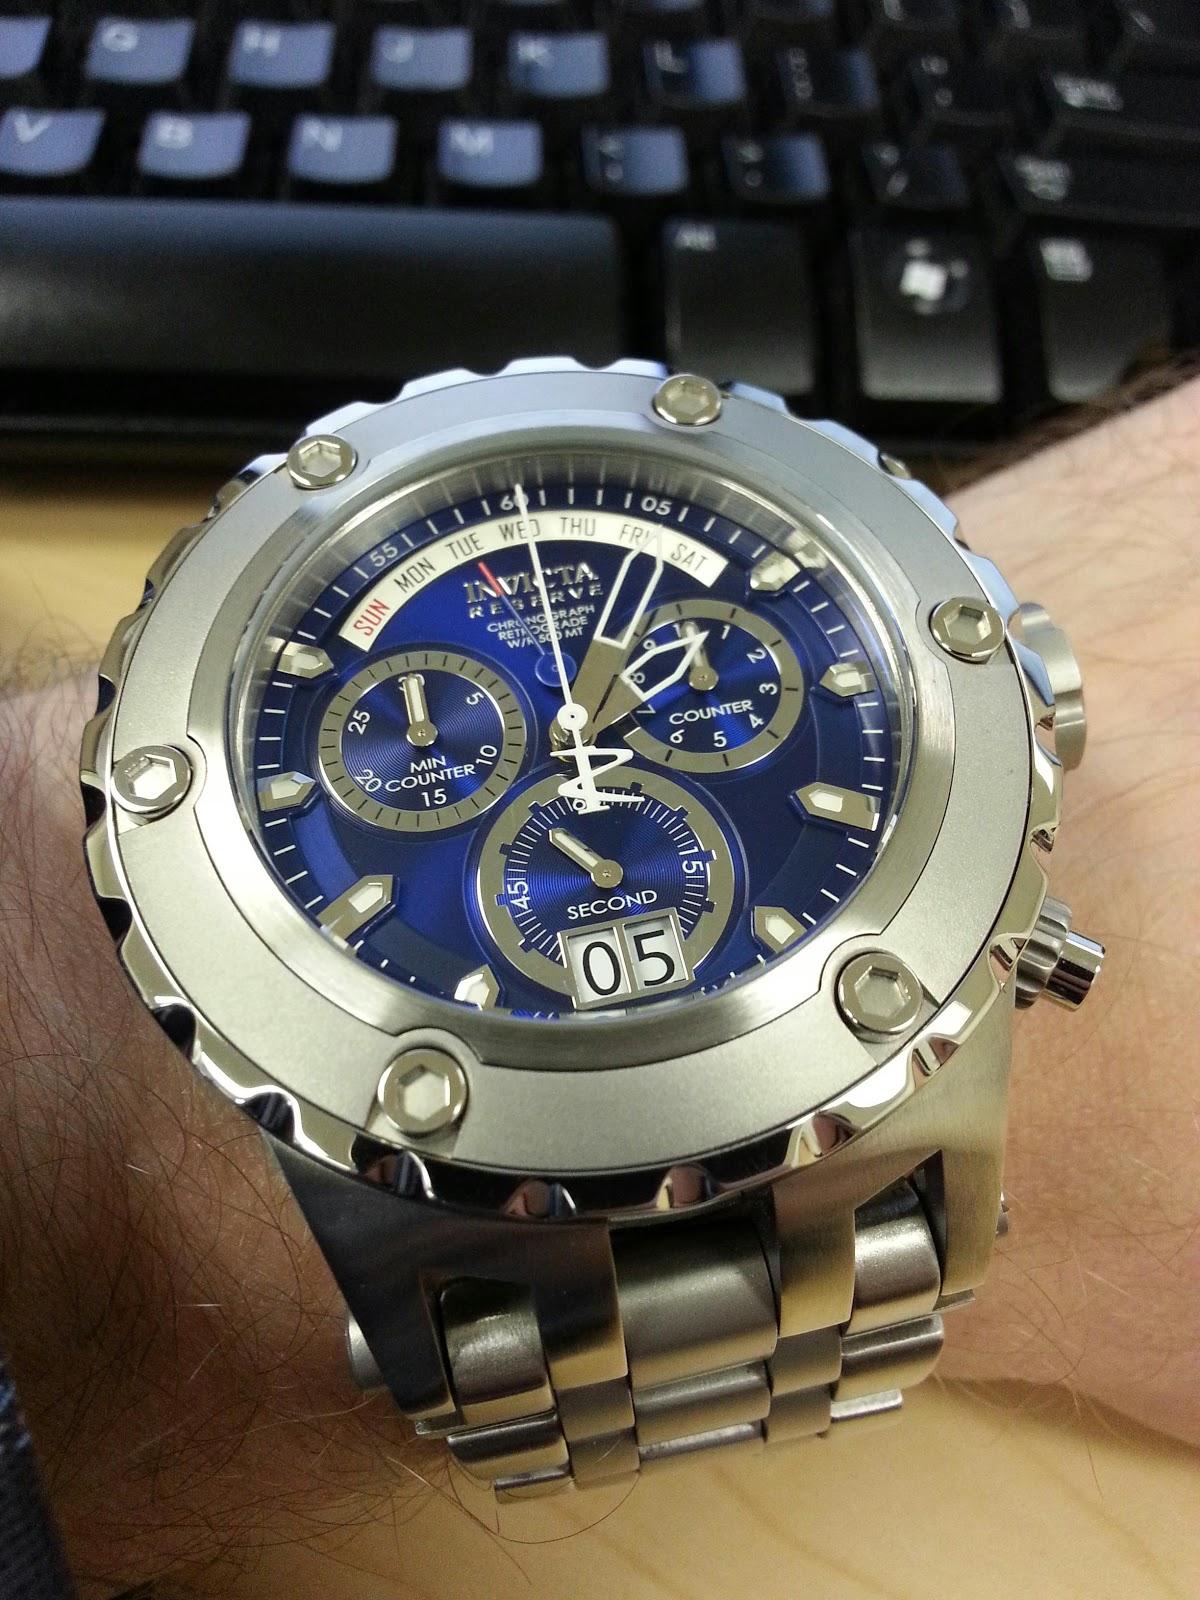 В случае если вы желаете купить подлинные швейцарские мужские или женские часы invicta, правильнее будет это сделать на нашем официальном сайте livening-russia.ru, гарантировав для себя защиту от покупки липовых подделок и мошенников.